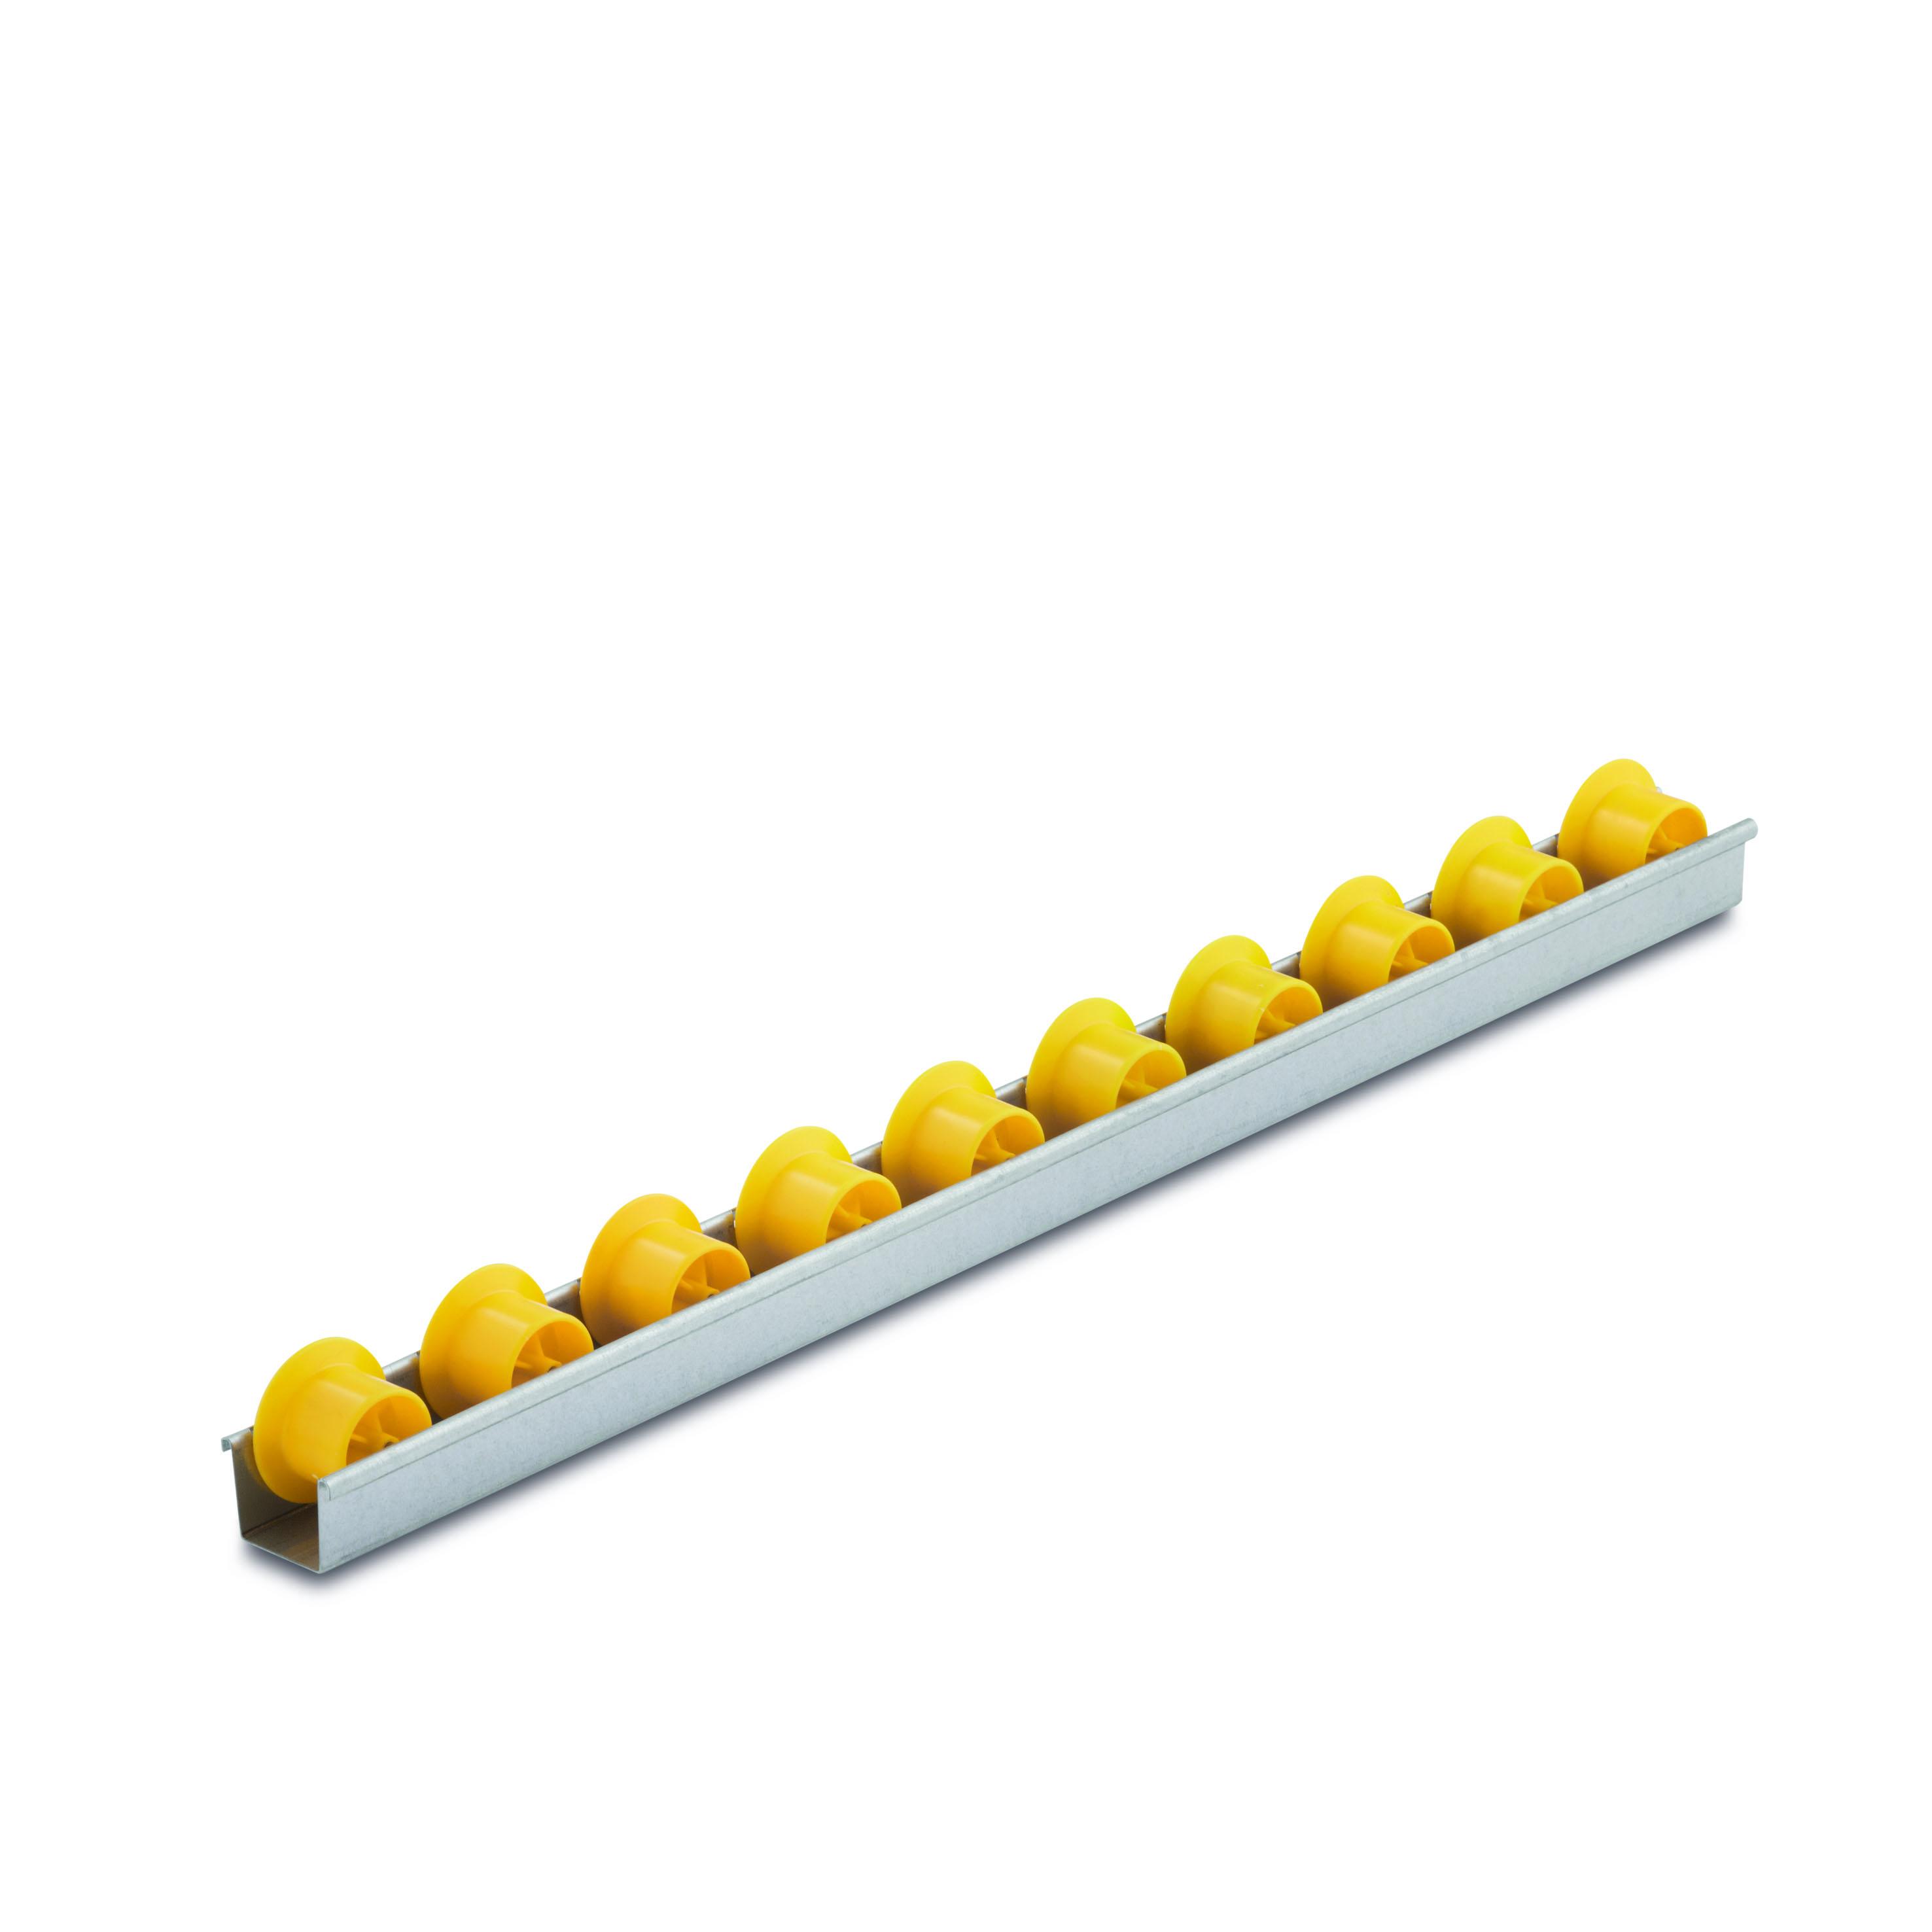 Billed af Mini rulleskinner, sporkans, op til 6 kg pr. rulle, profil 0,8 mm (801-serie)